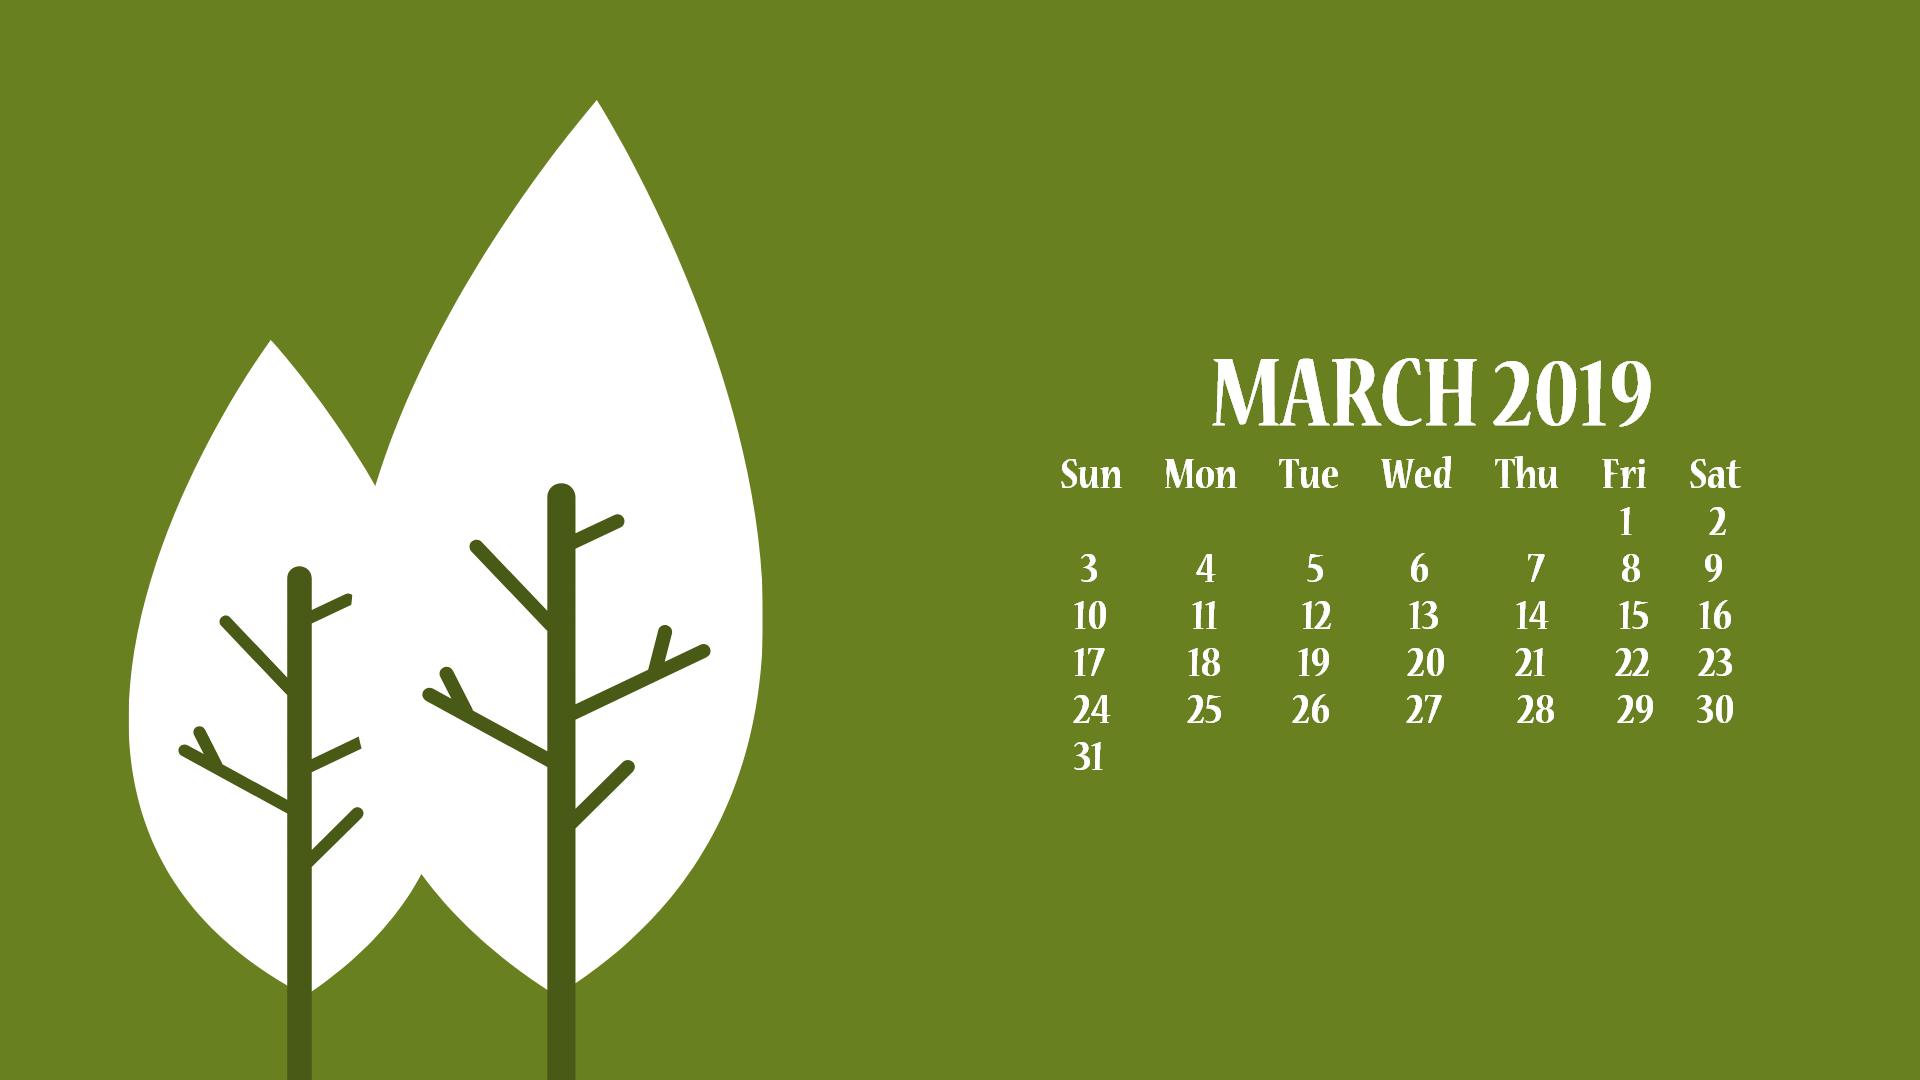 March 2019 Desktop Wallpaper With Calendar